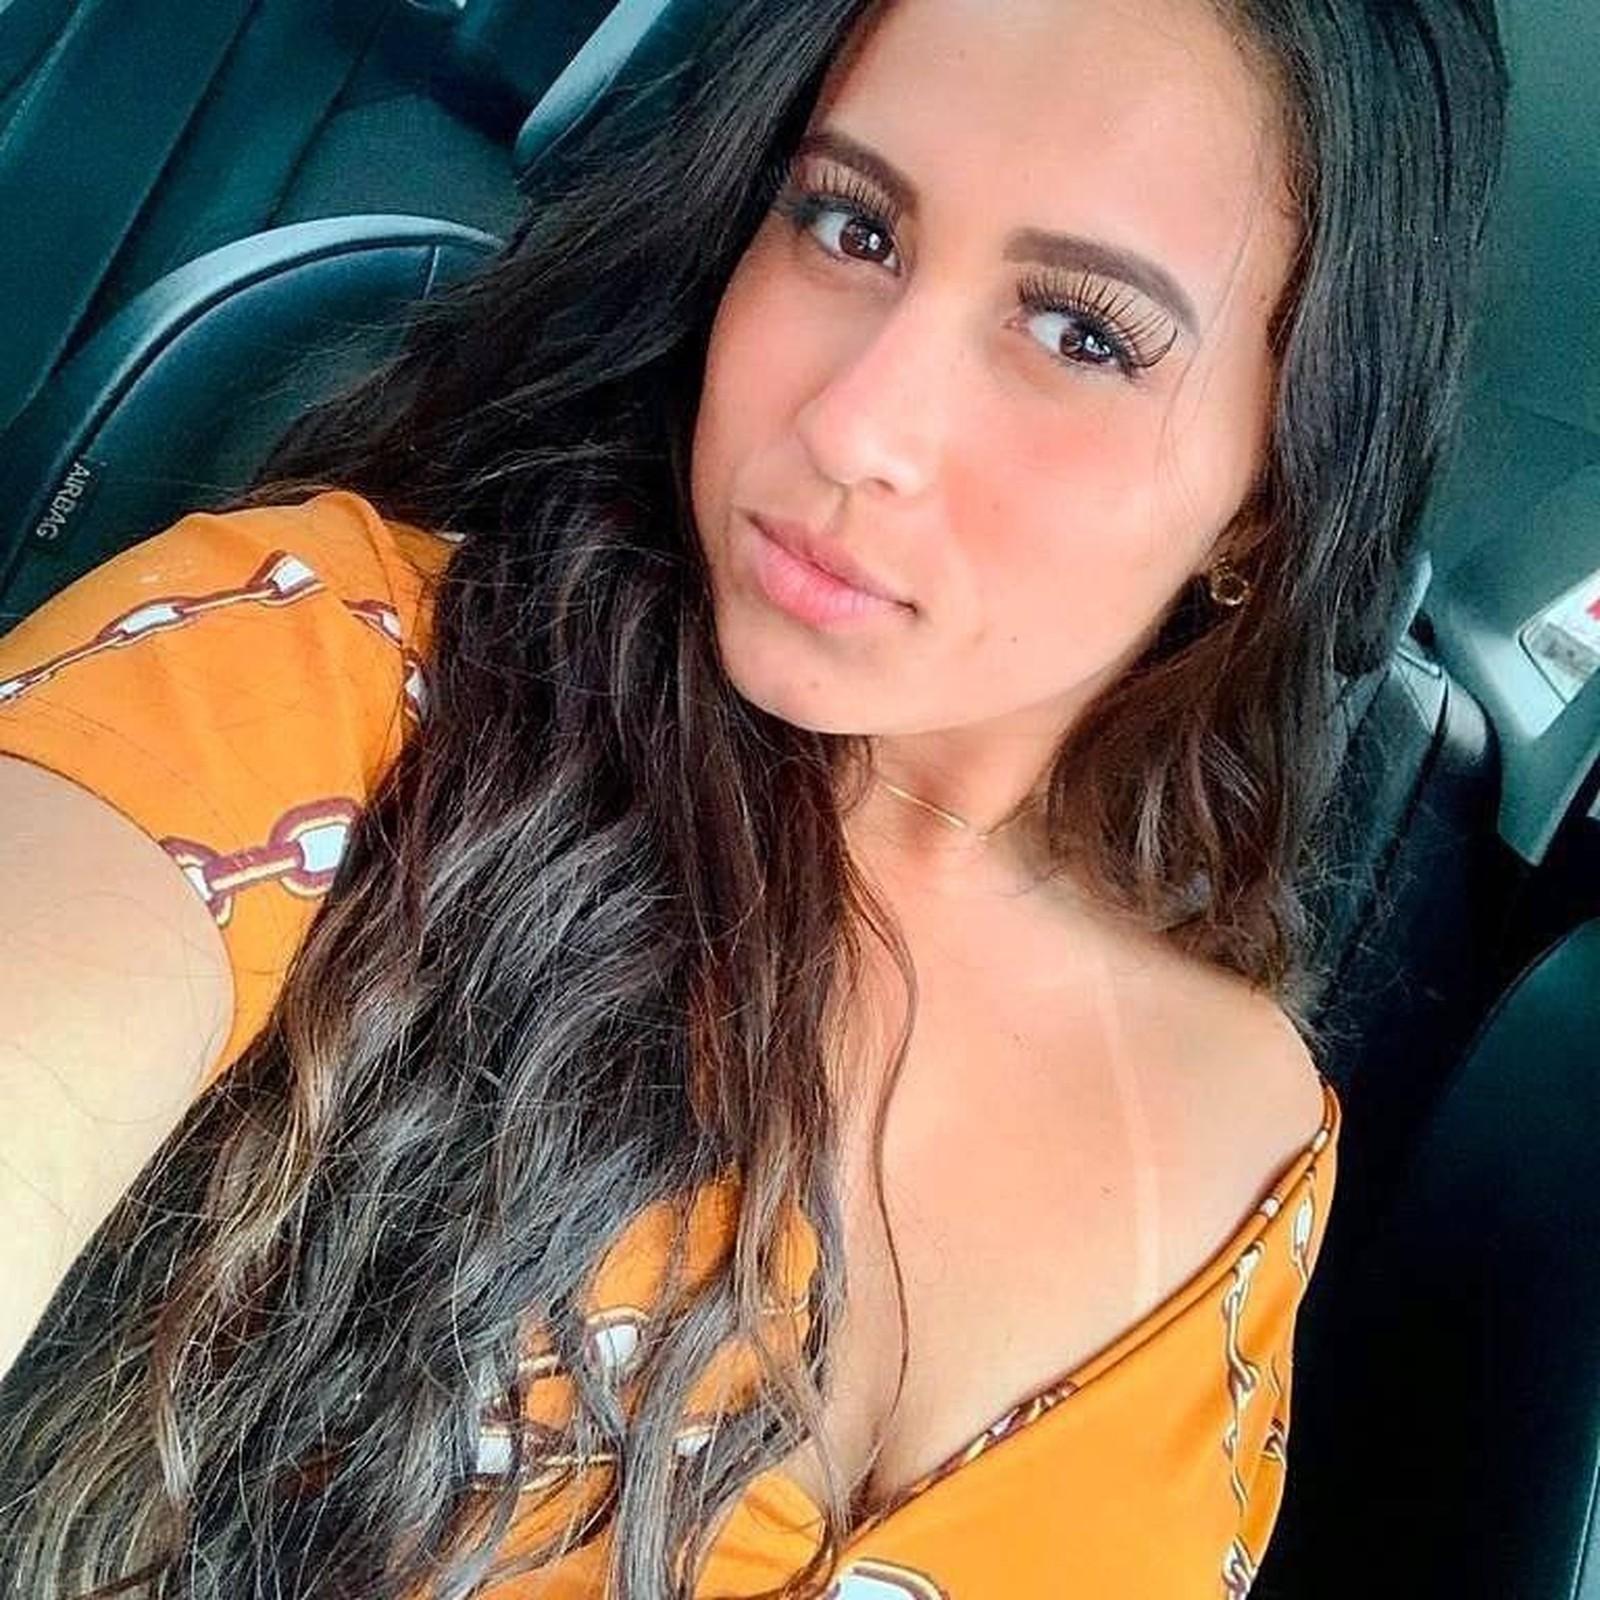 Alessandra Costa, de 17 anos, executada em tribunal do crime — Foto: Arquivo pessoal